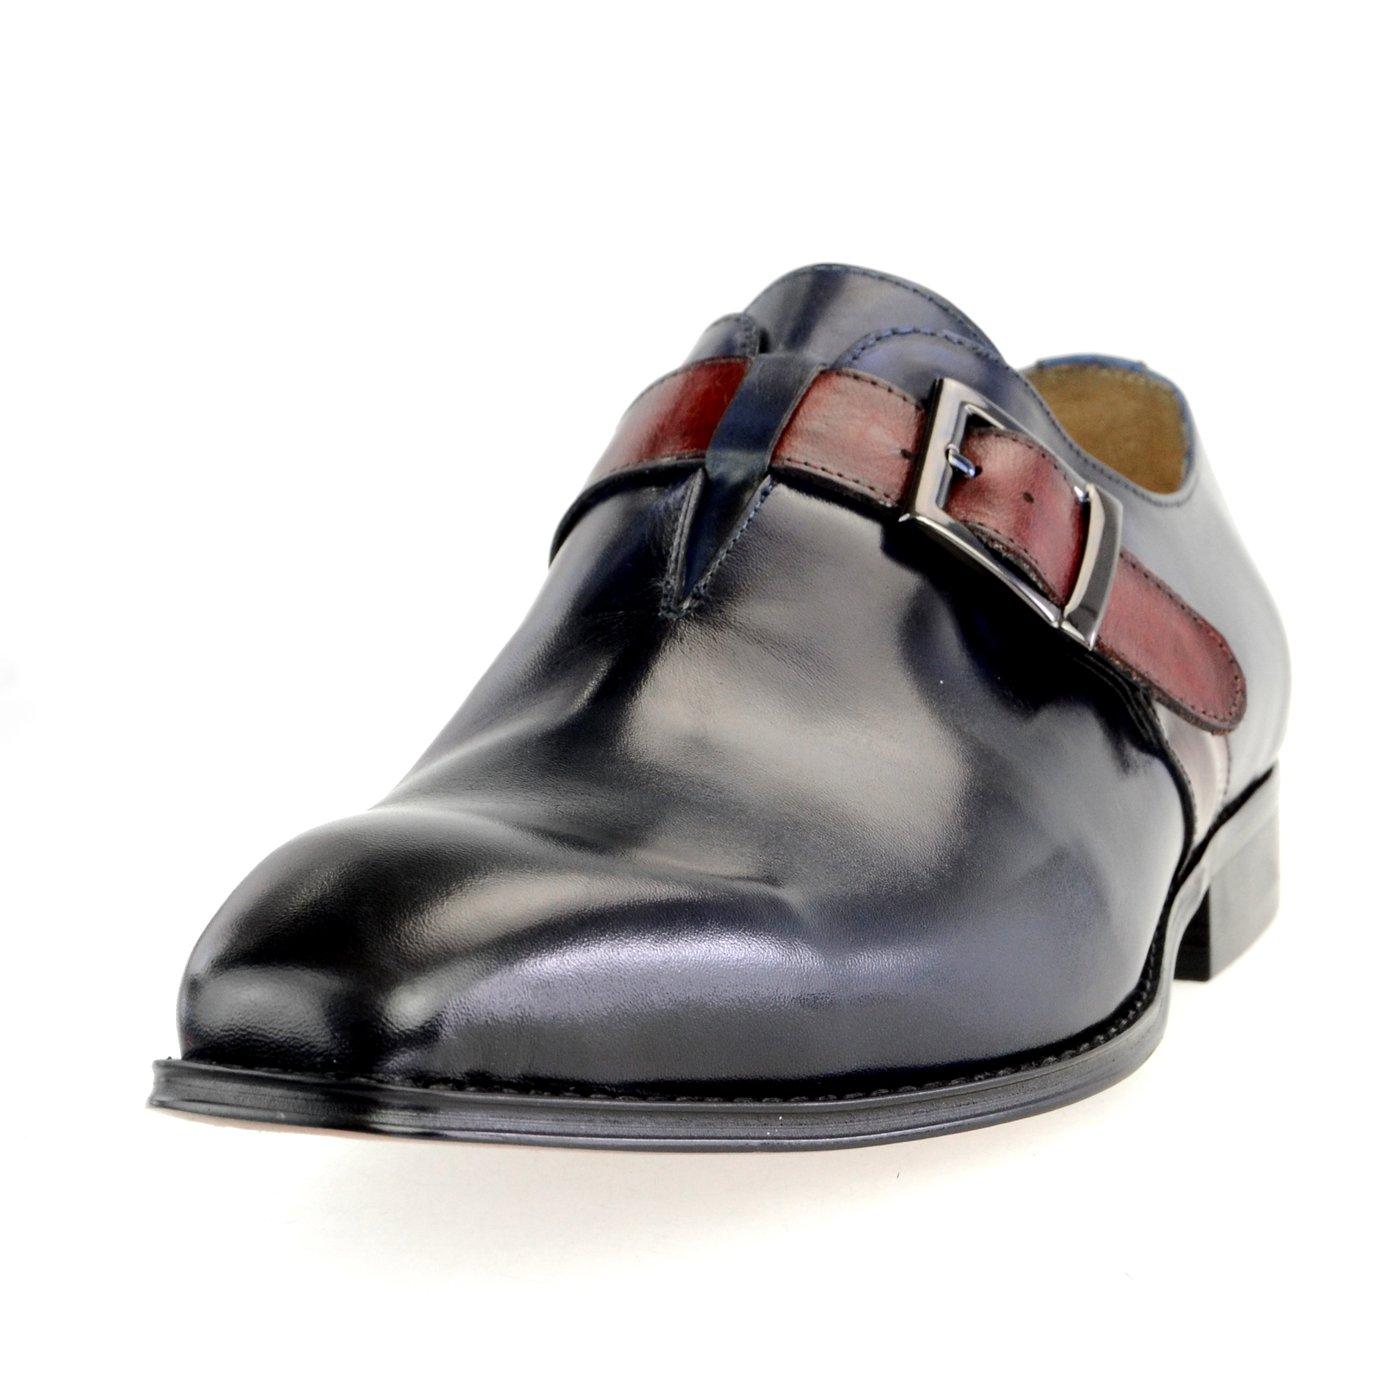 【在庫有】 [ルシウス] 本革 20種類から選ぶ ダブル レザー メンズ 26.5 ダブル モンクストラップ ネイビー メダリオン ストレートチップ 革靴 紳士靴 B076DTV3ZG 2015-24 ネイビー 26.5 cm 3E 26.5 cm 3E|2015-24 ネイビー, INDEEDバッグショップrustica:07885e79 --- ballyshannonshow.com